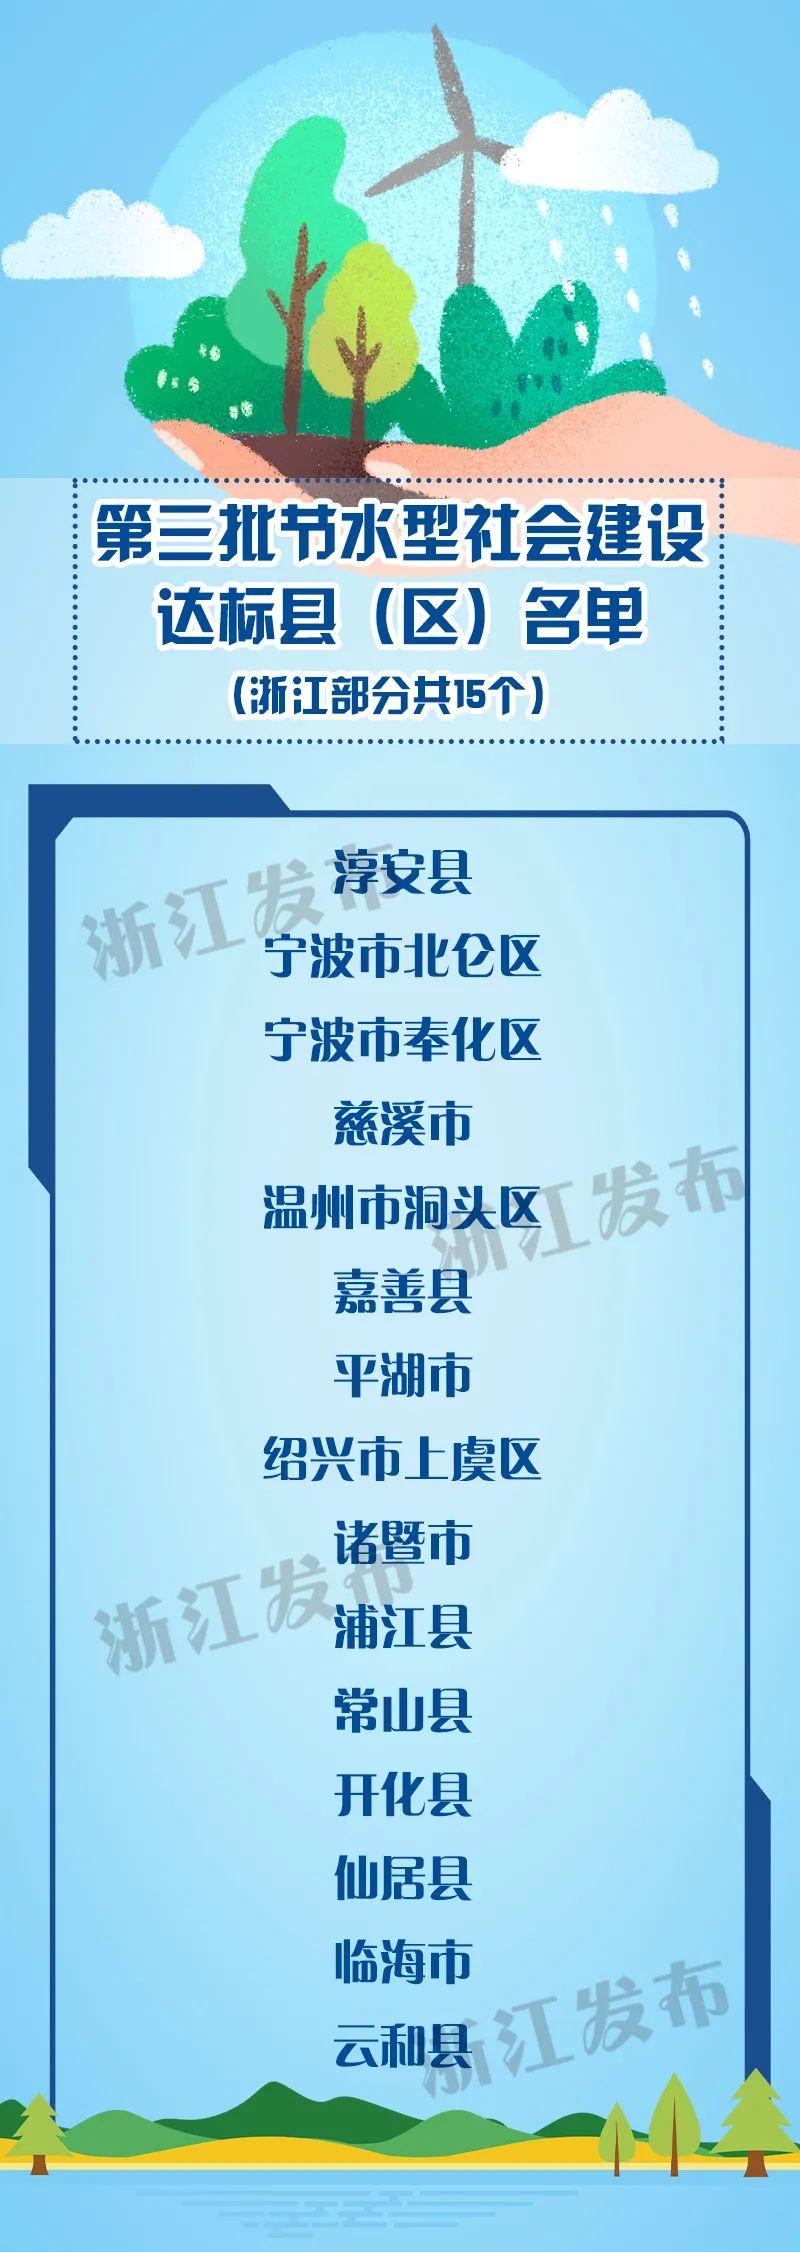 浙江再添15地!第三批节水型社会建设达标县(区)名单公布图片